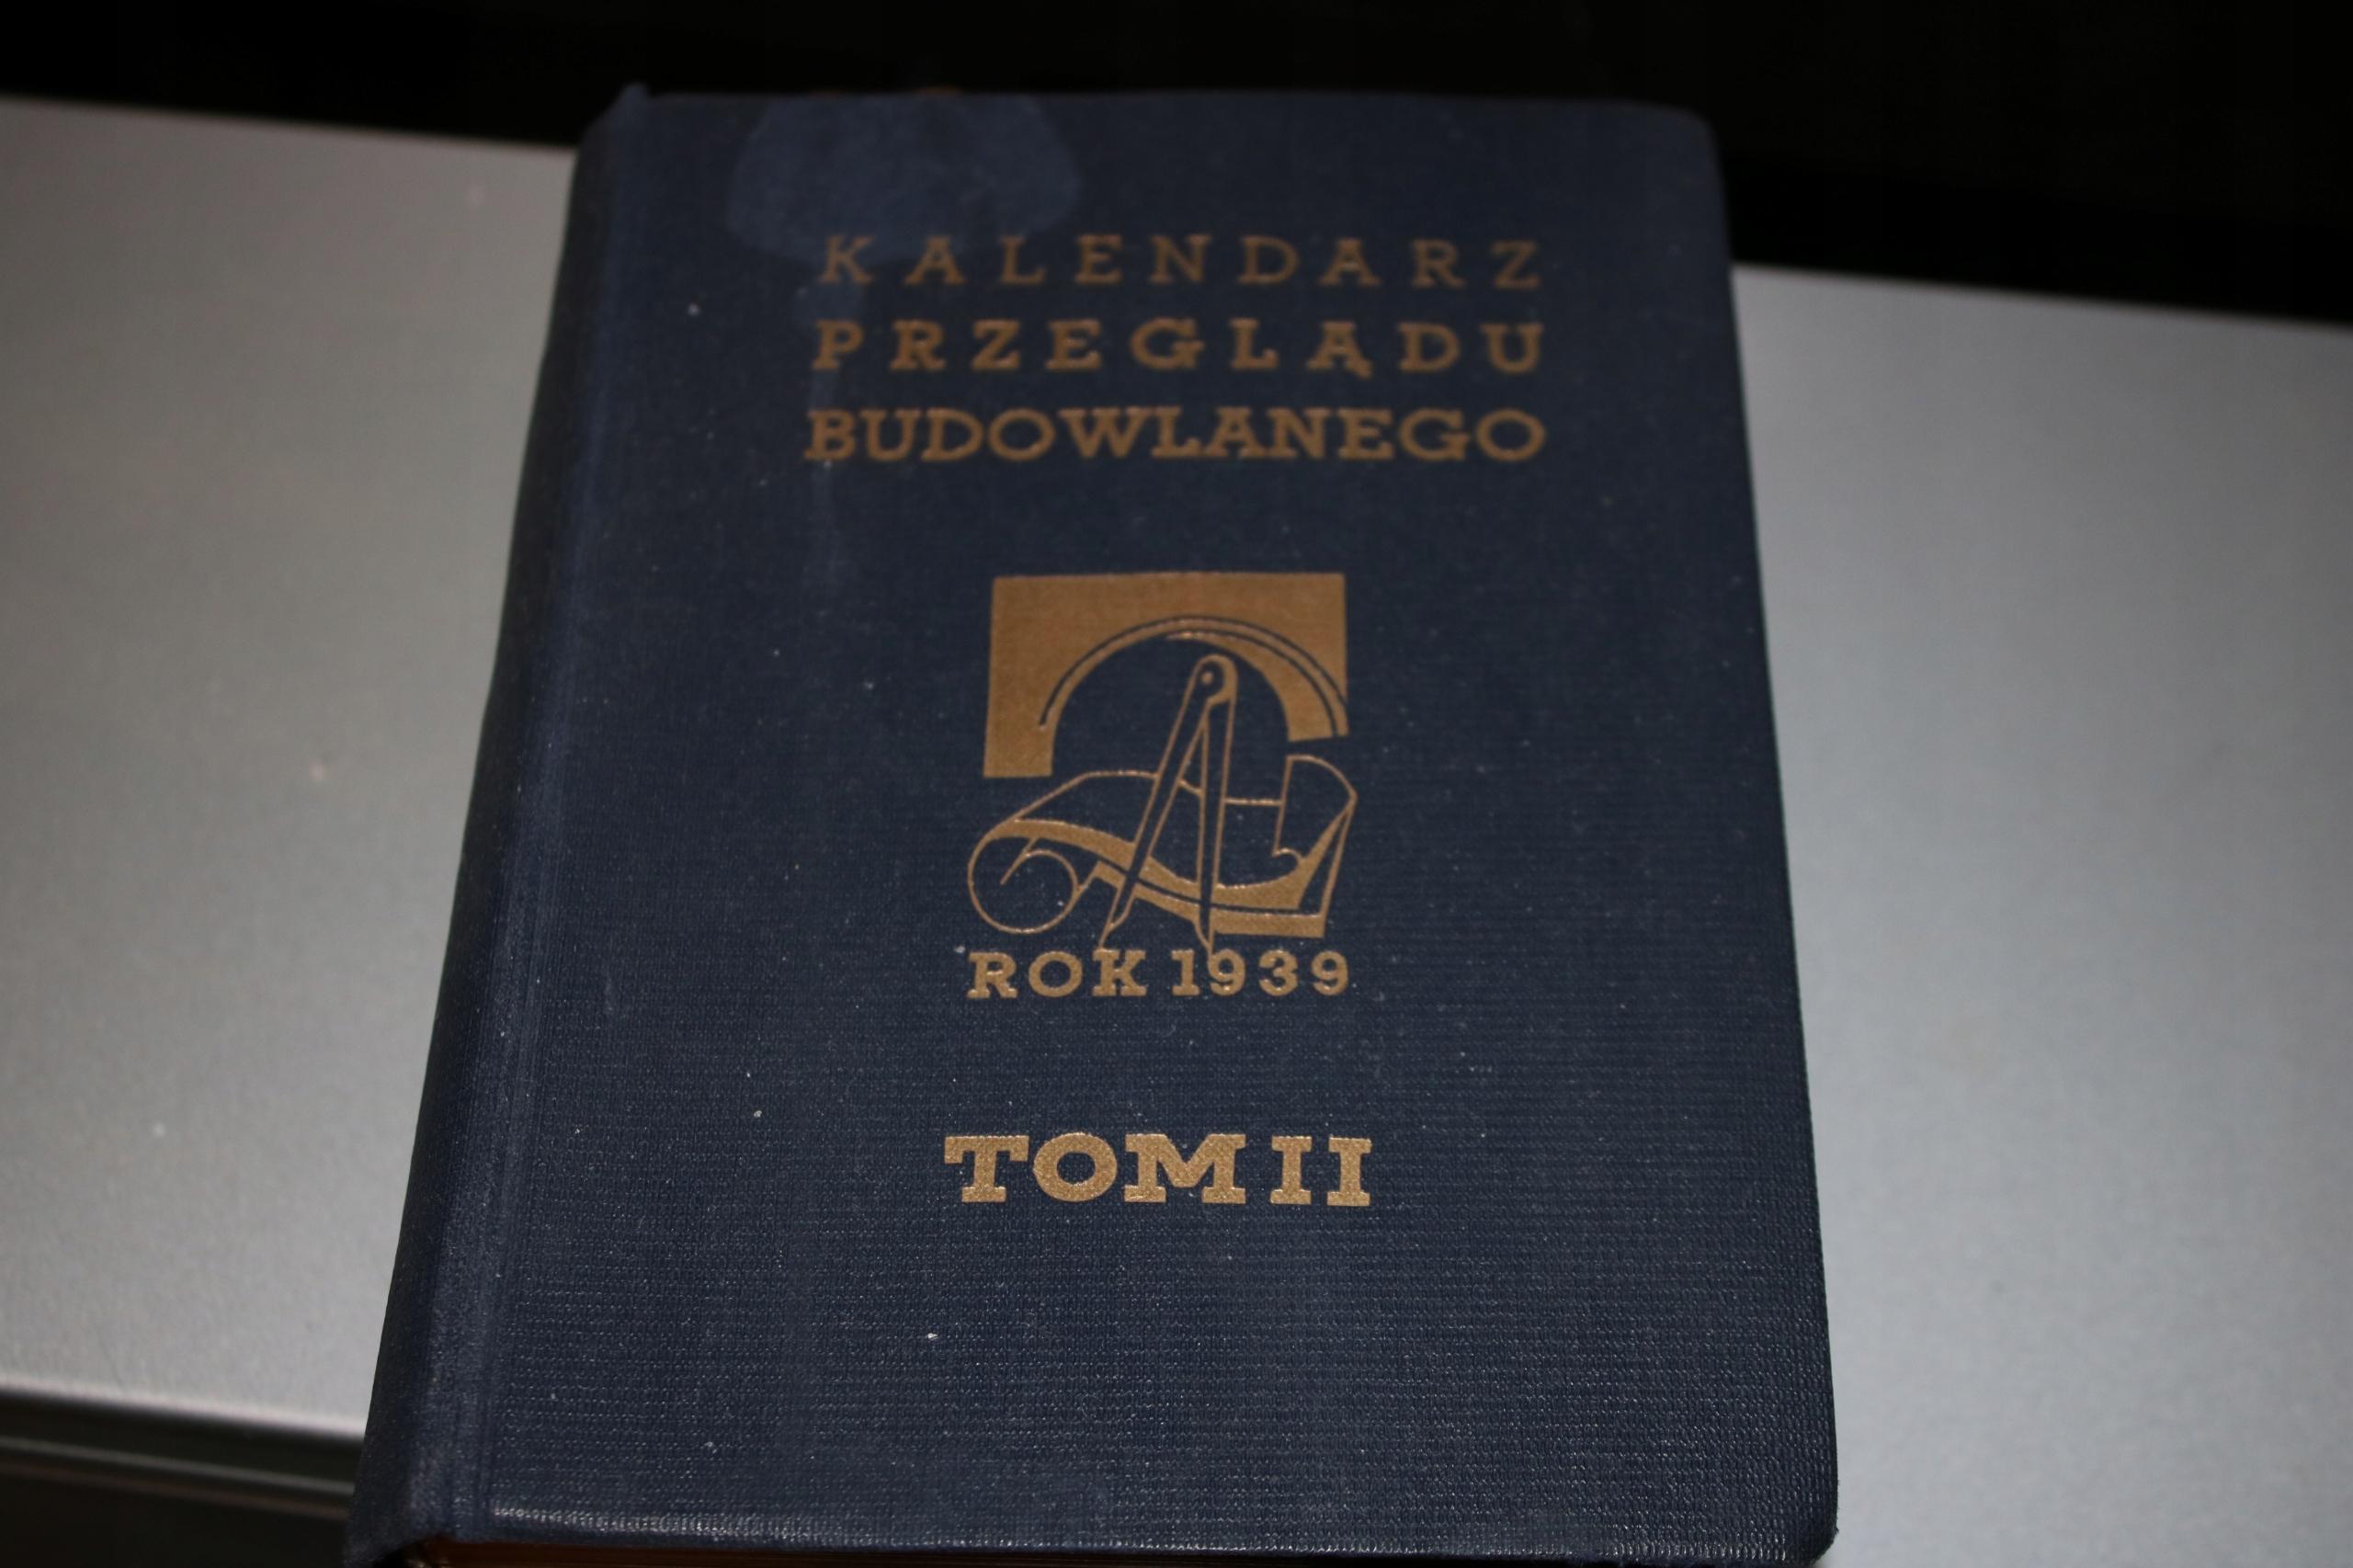 KALENDARZ PRZEGLĄDU BUDOWLANEGO ROK 1939